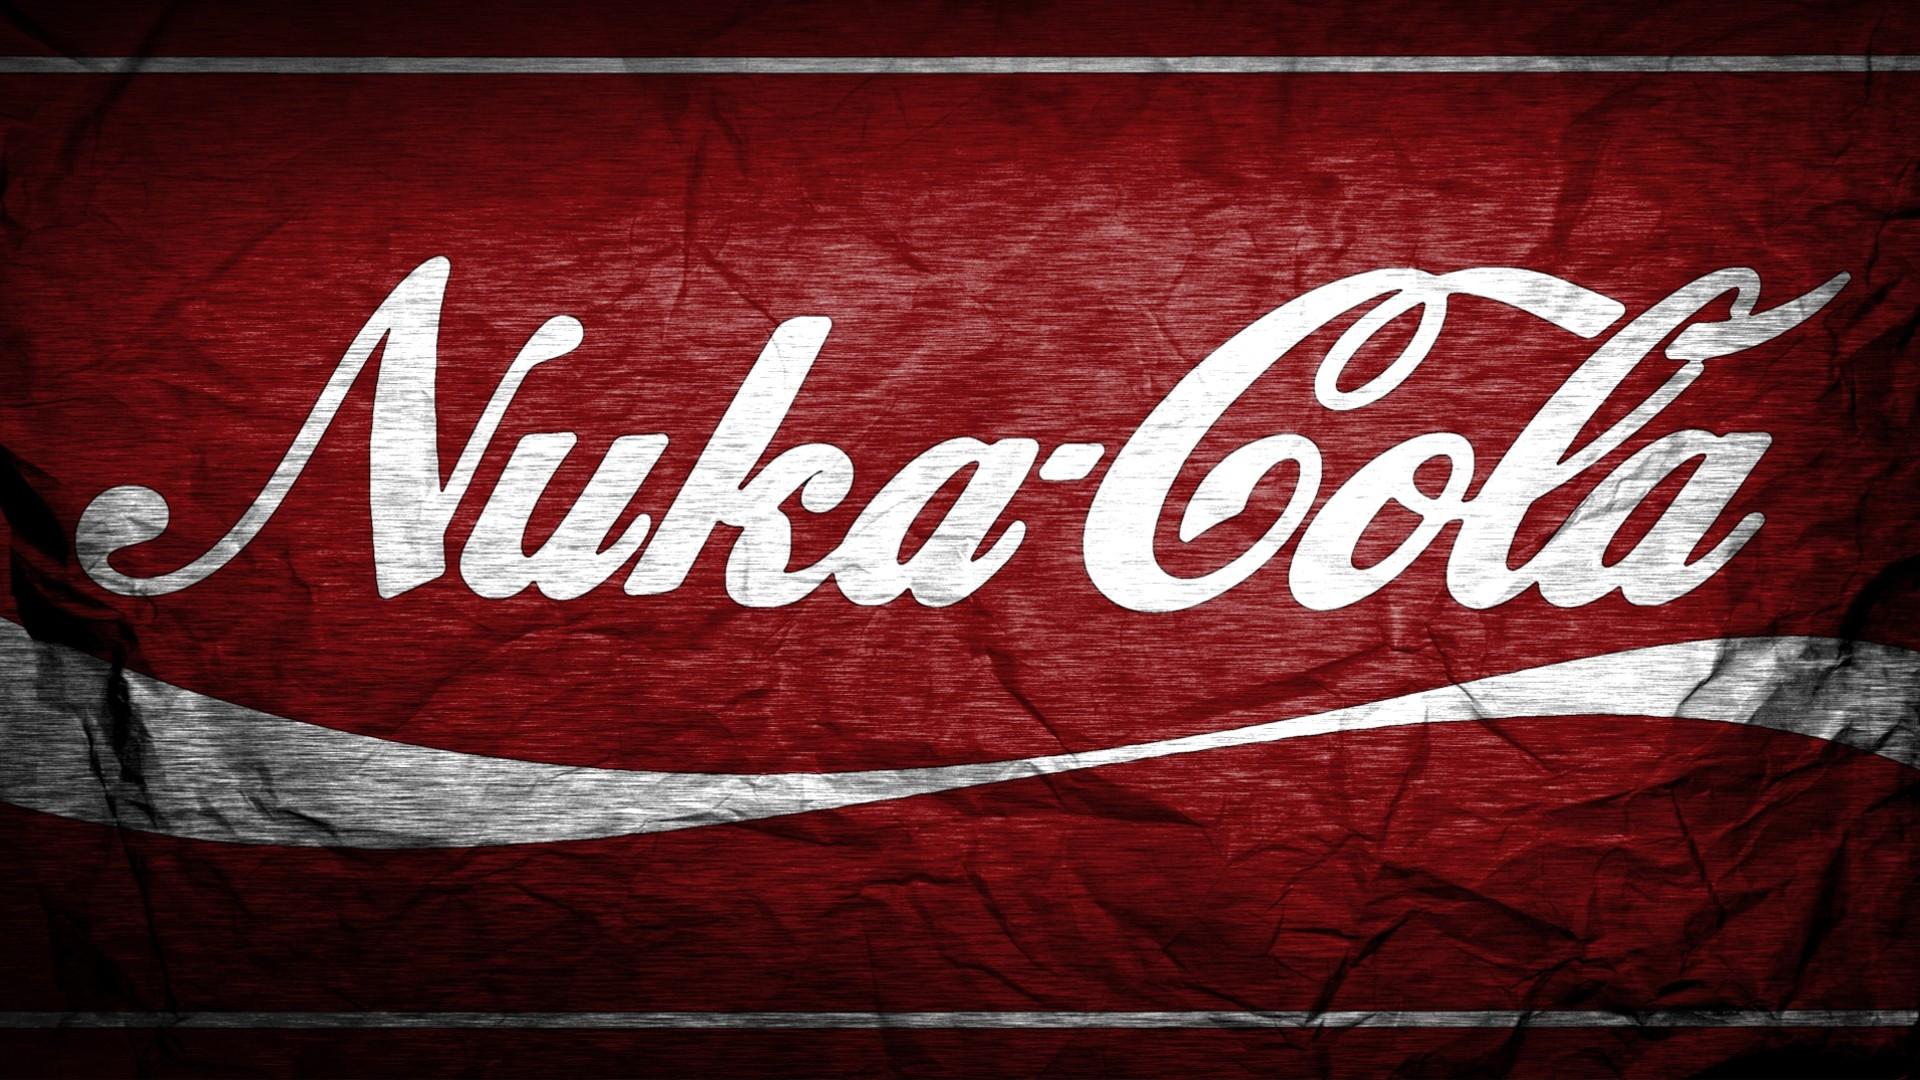 Wallpaper : red, Coca Cola, Nuka Cola, Fallout 4, brand